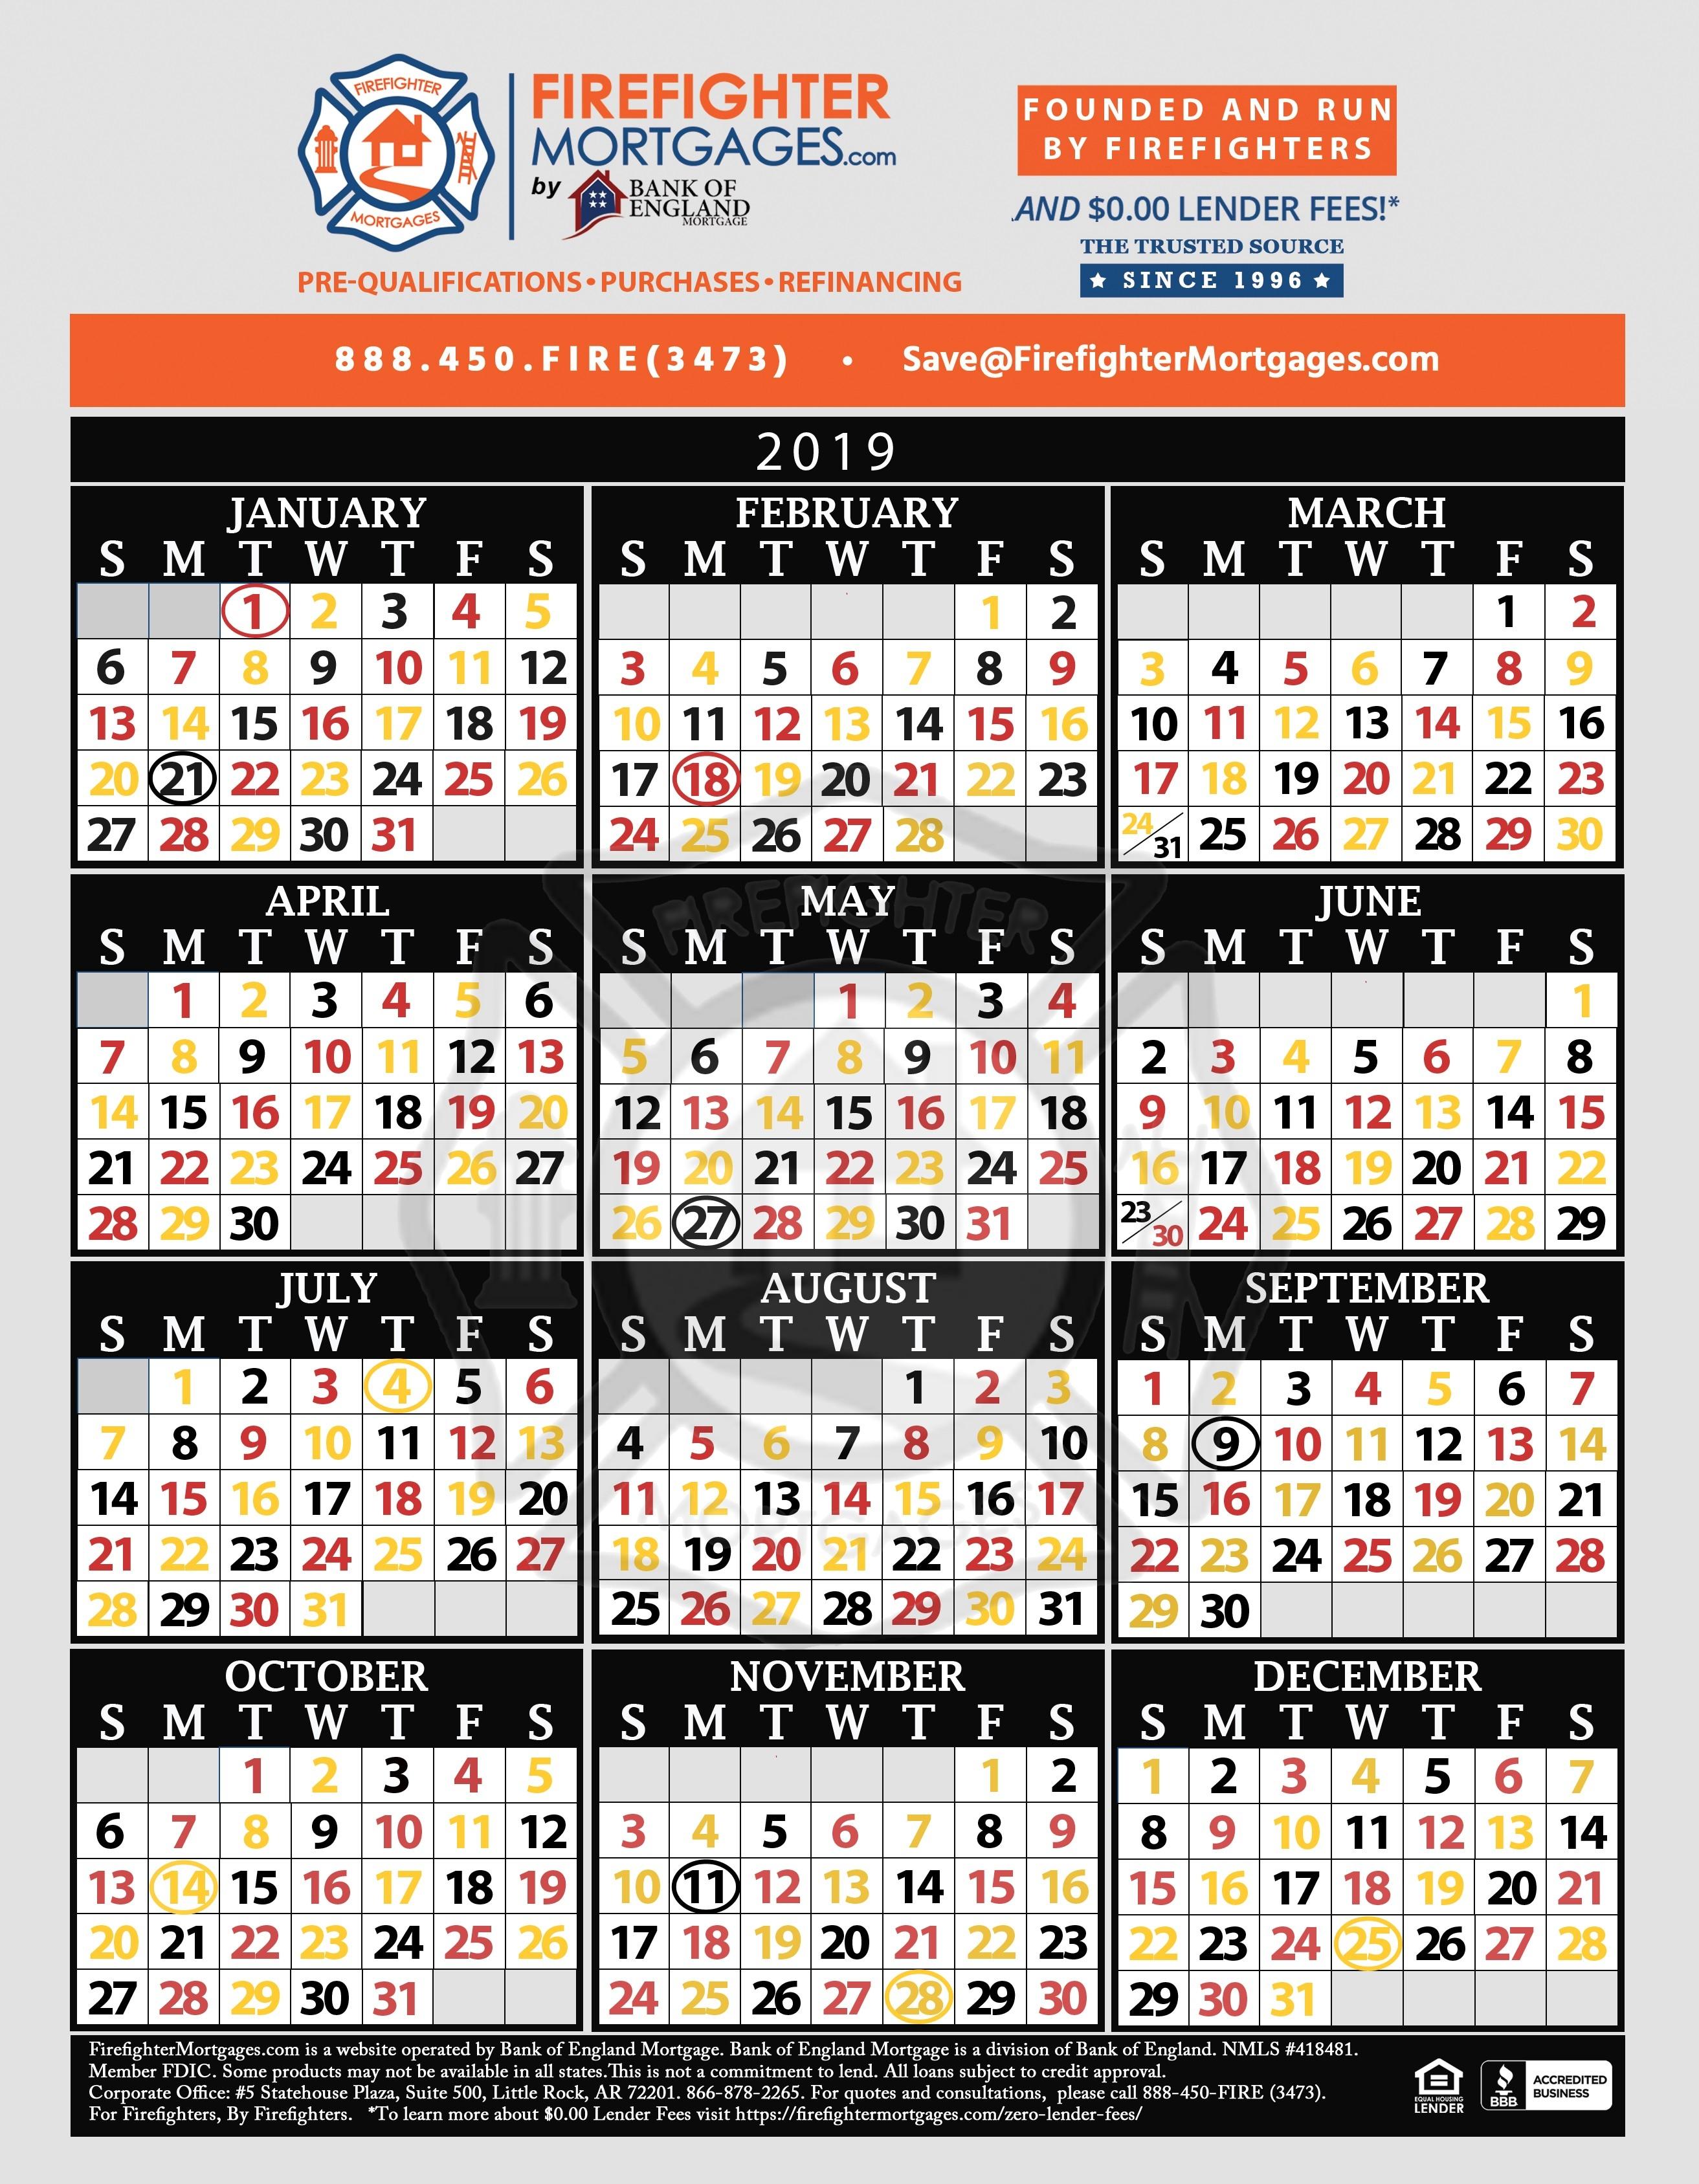 Firefighter Shift Calendar, Firefighter Calendar-Firefighter Shift Calendar Template